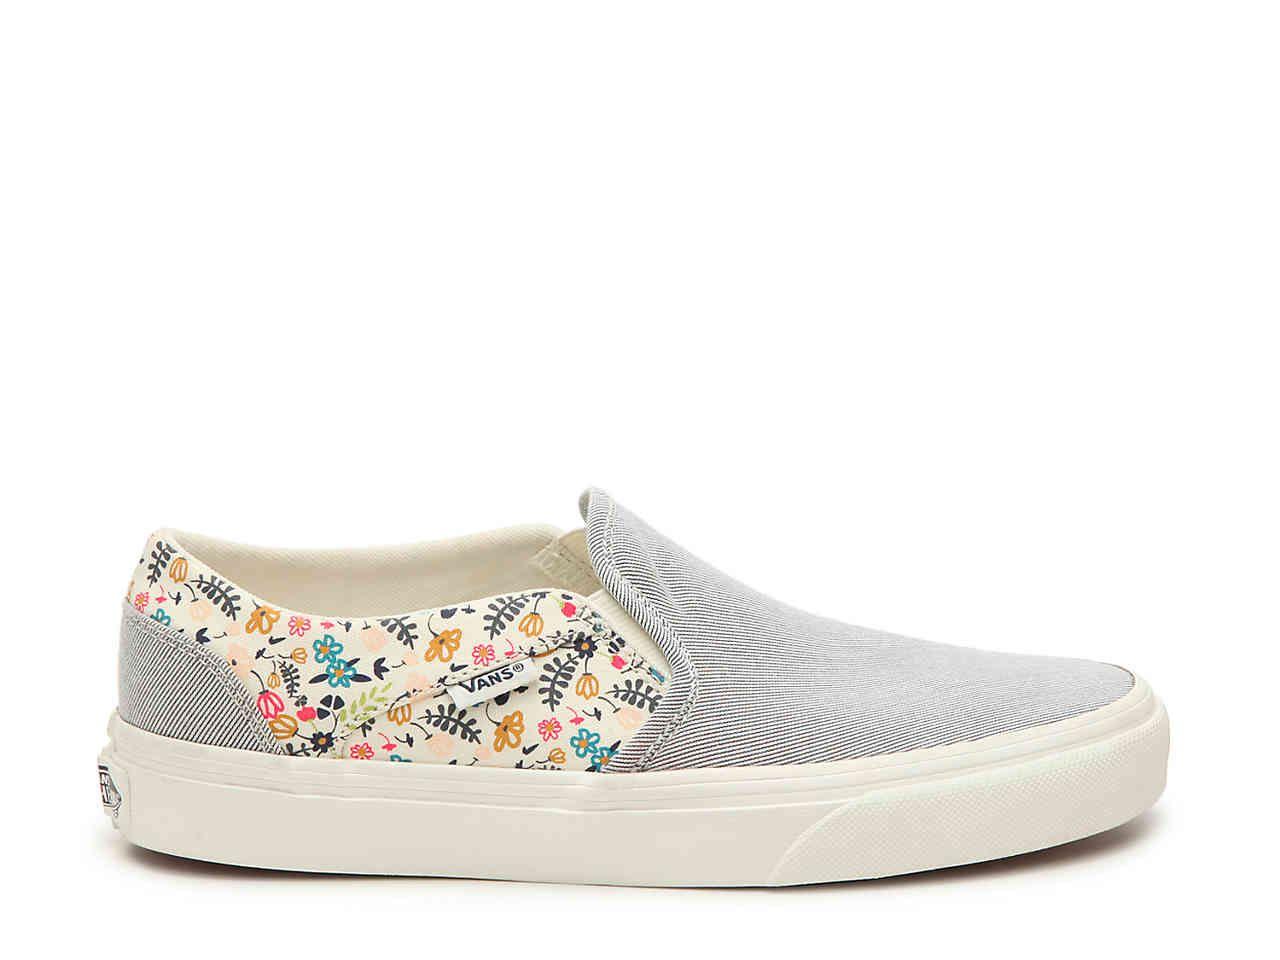 Vans Asher Stripe Floral Slip-On